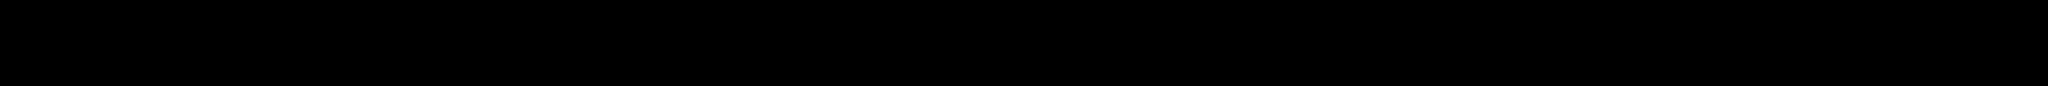 GATES 030198119A, 6K0198001A, 030198119A, 6K0198001A, 030198119A Tand / styrremssats